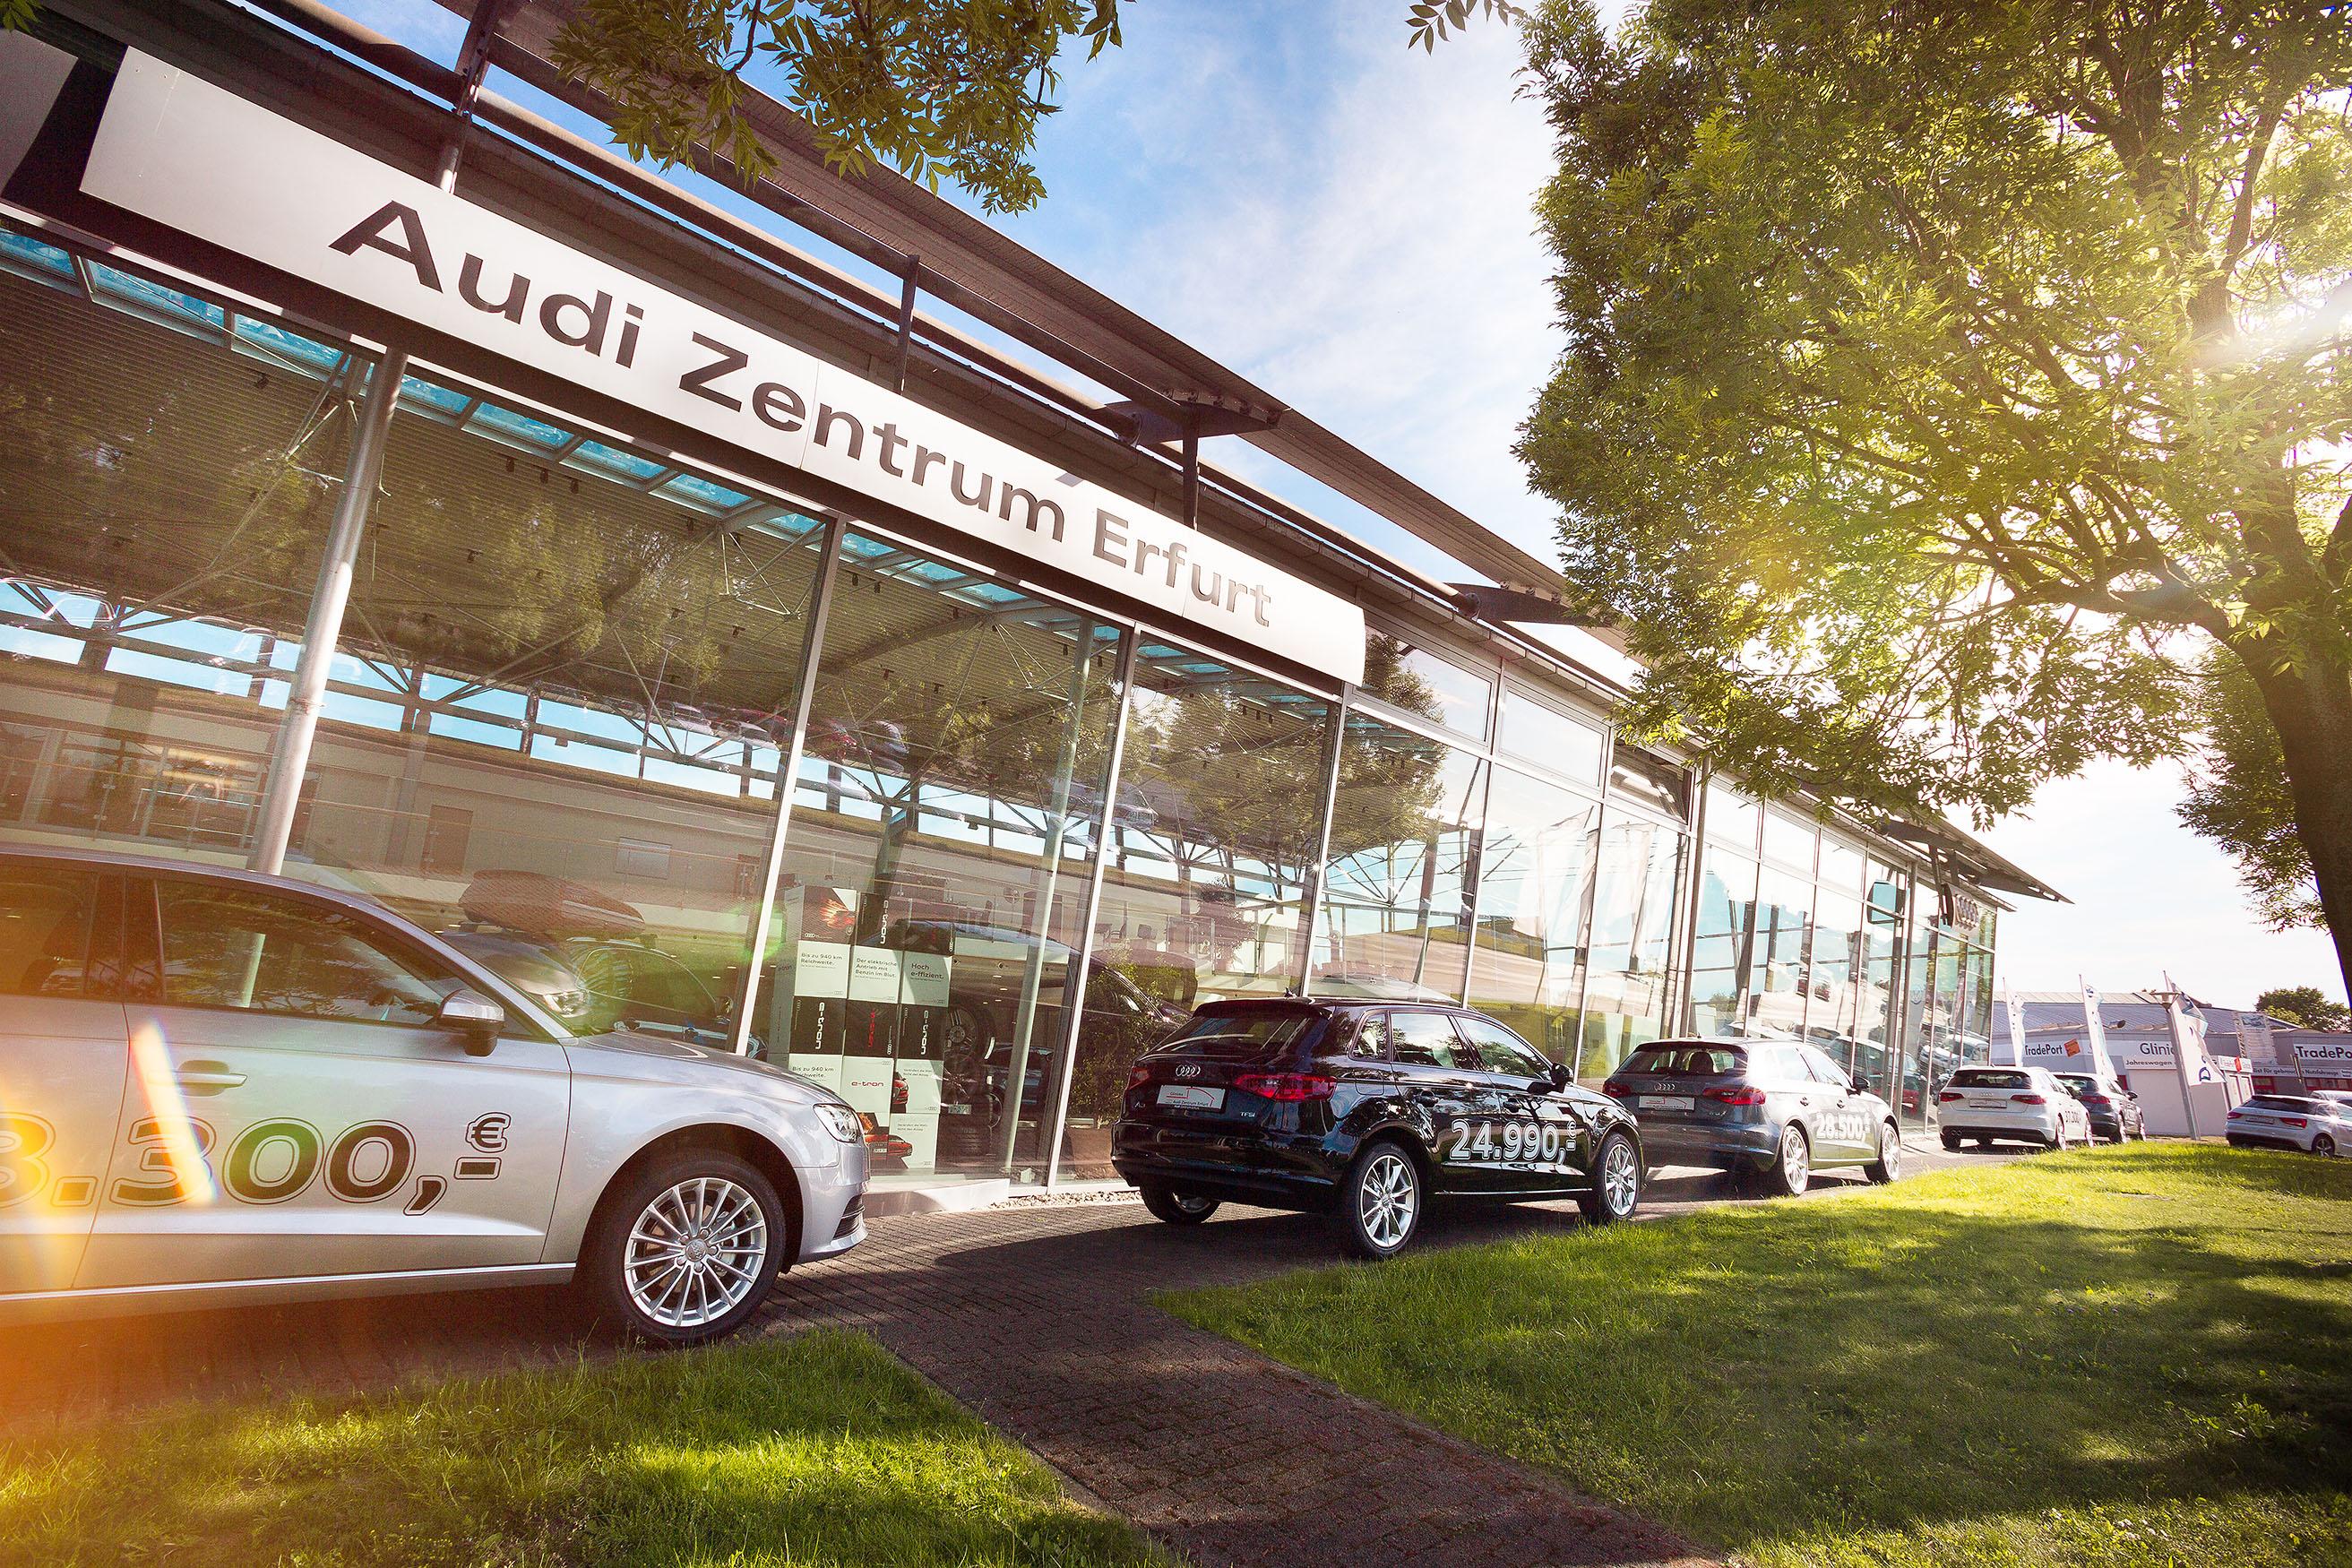 Audi Erfurt